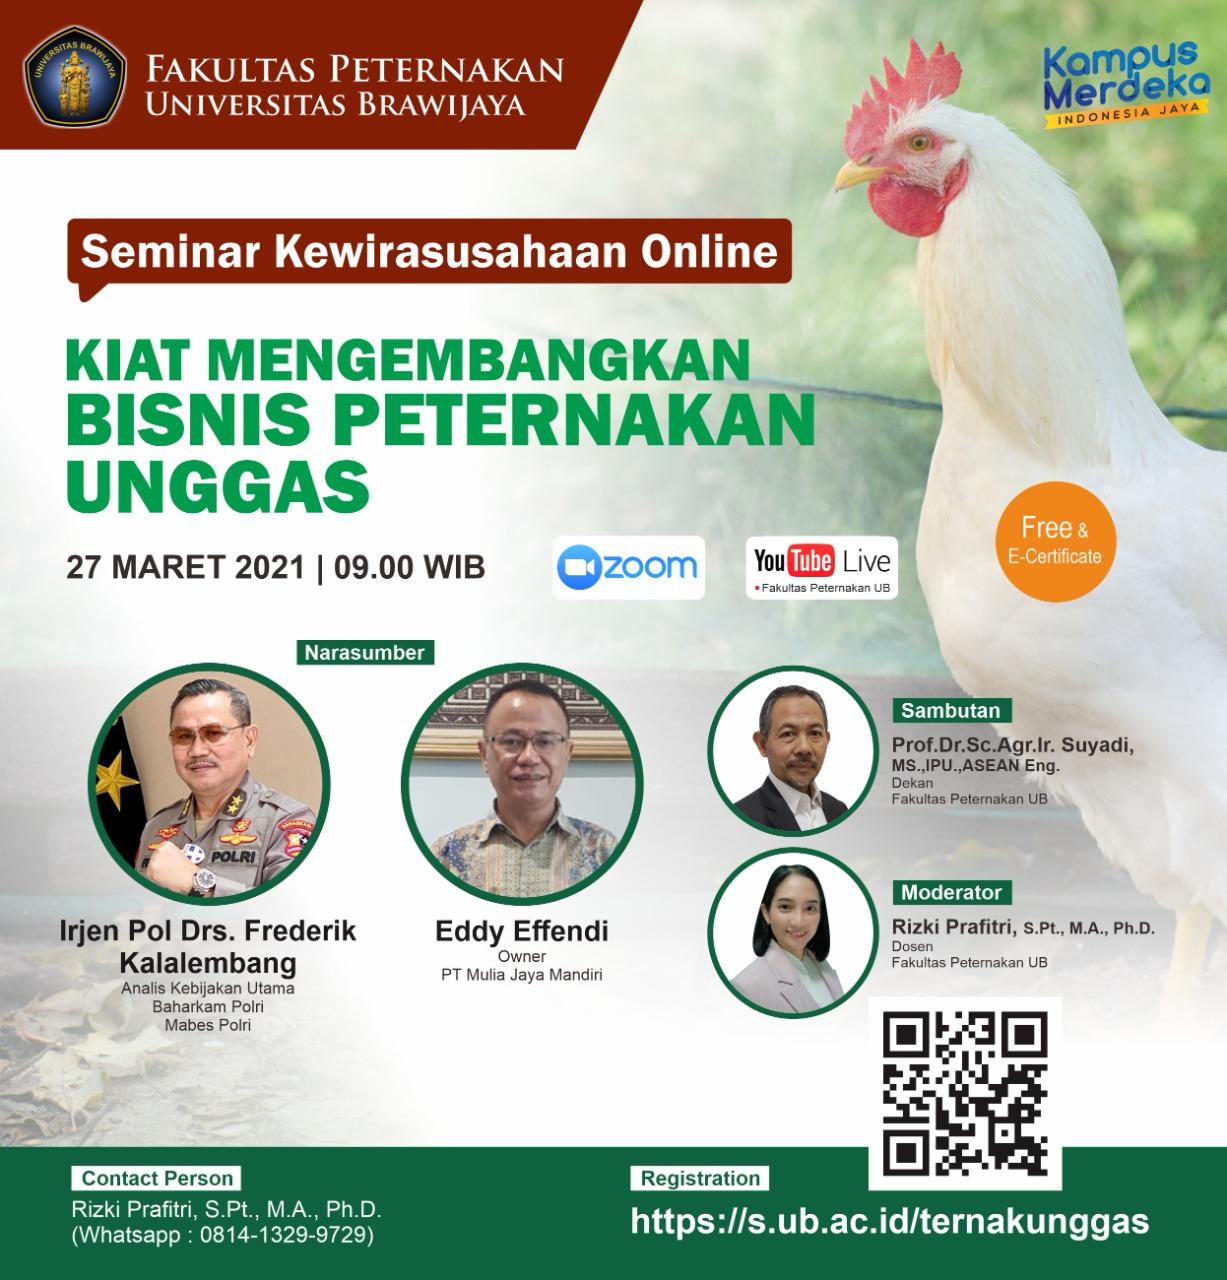 Online Entrepreneurship Seminar